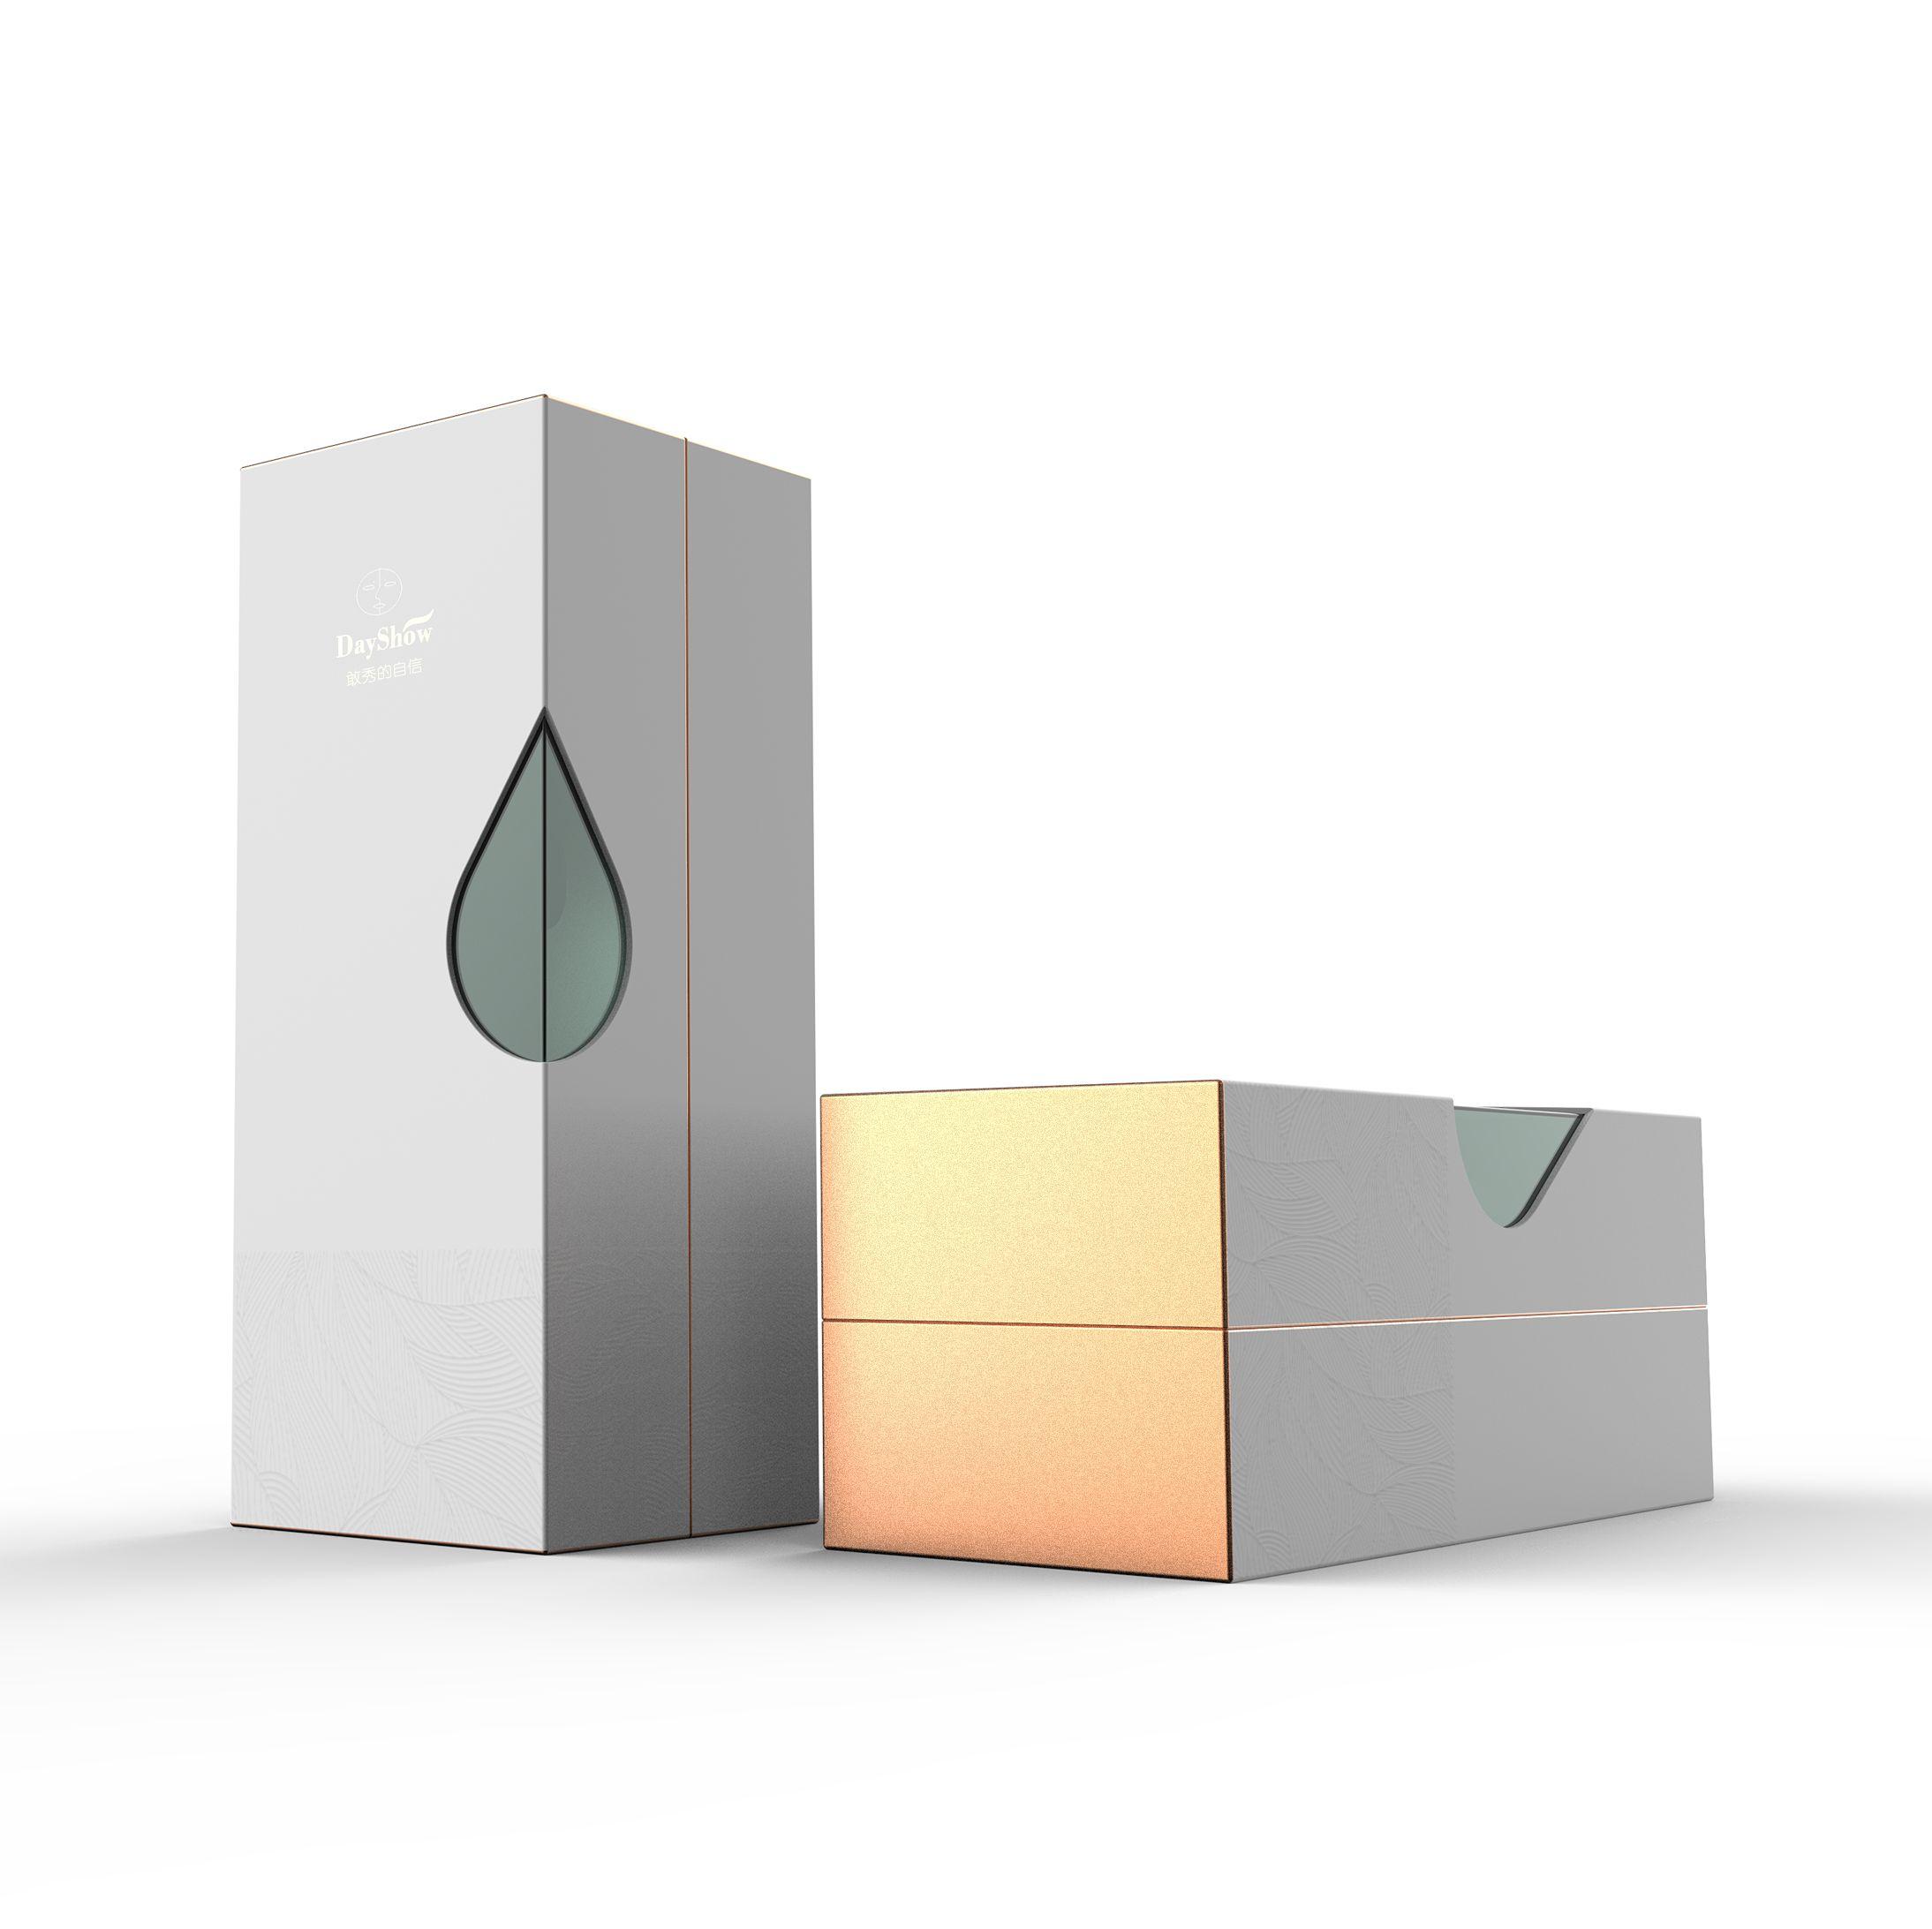 补水仪包装设计